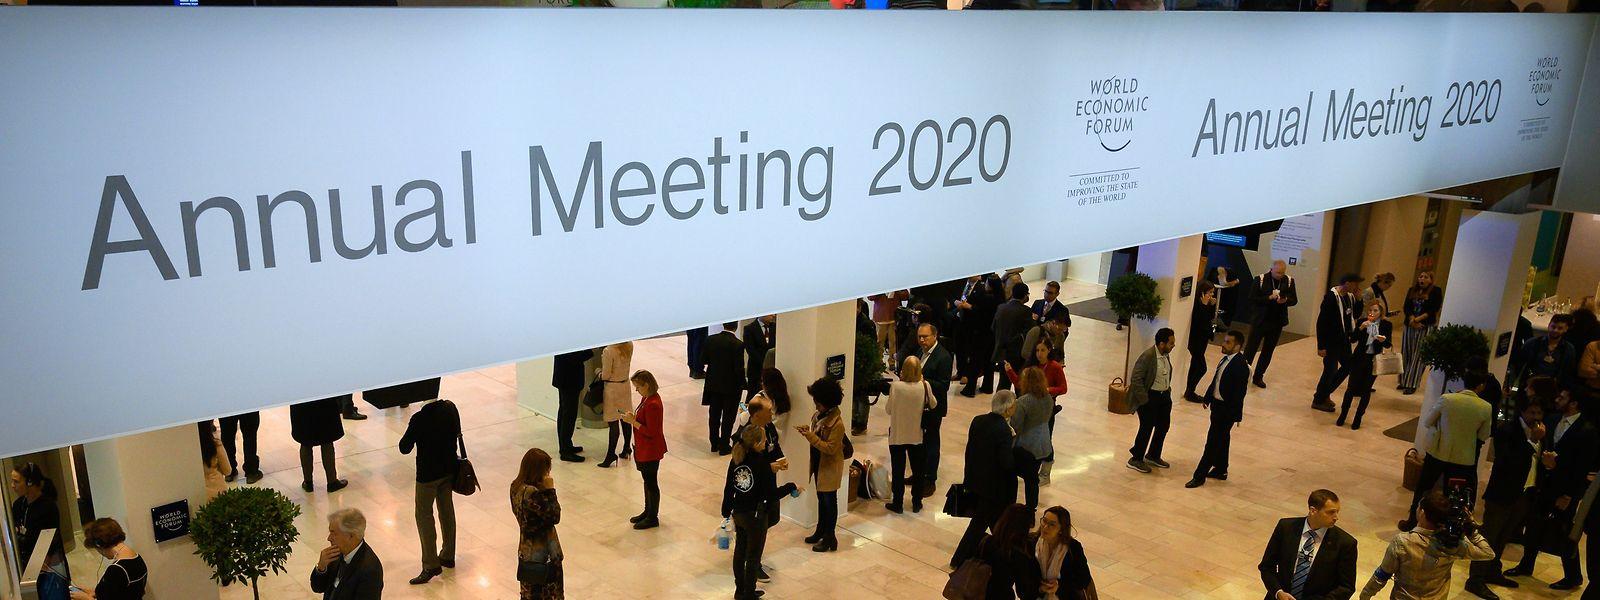 Davos war einmal mehr Treffpunkt des Weltwirtschaftsforums.